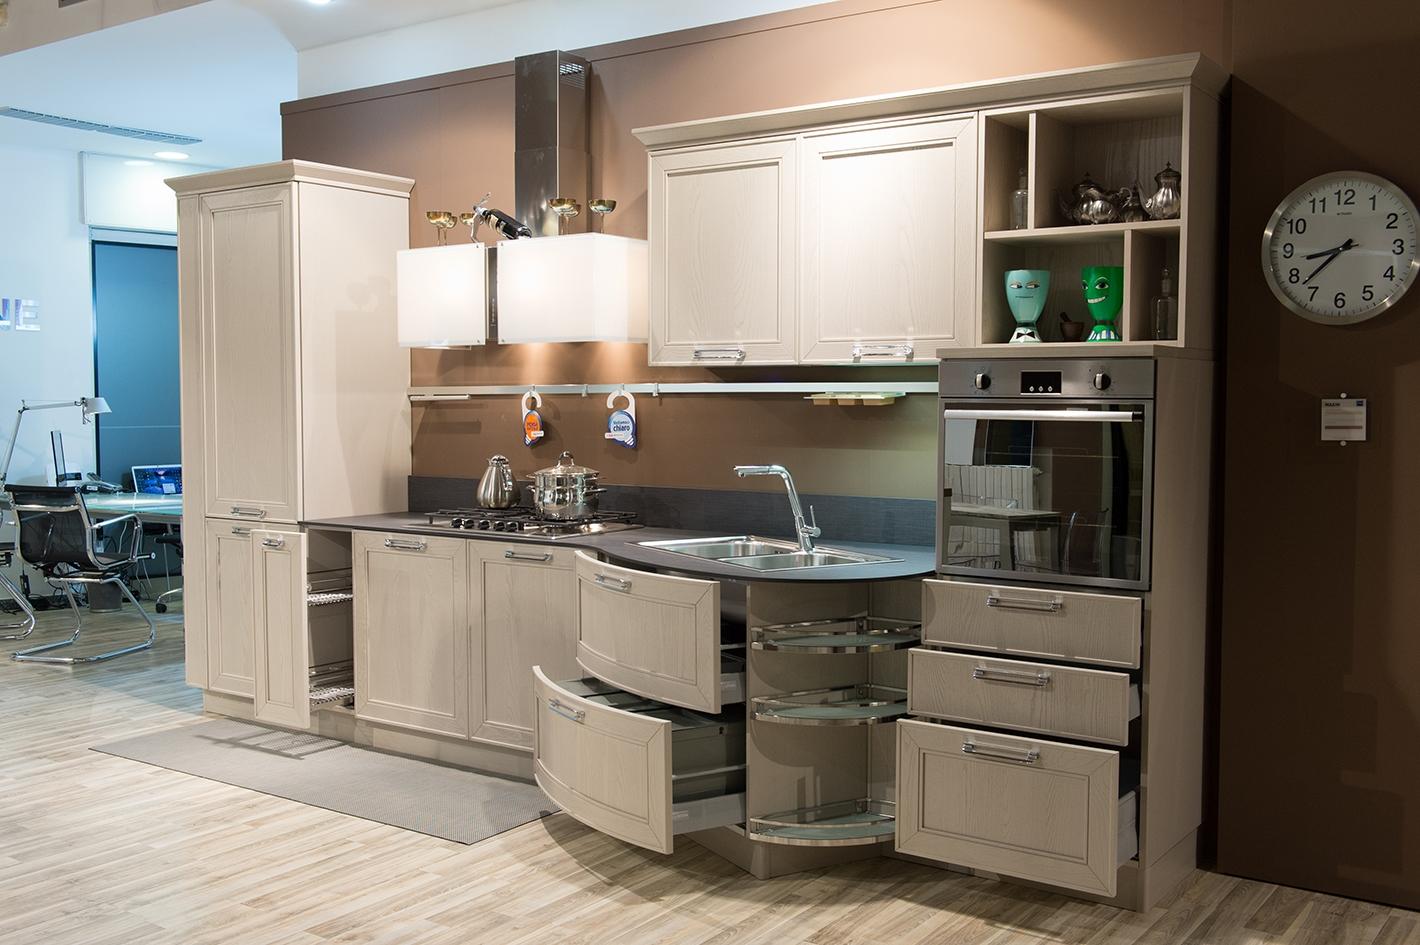 Cucina stosa mod maxim completa di elettrodomestici 19276 cucine a prezzi scontati - Cucina completa angolare ...